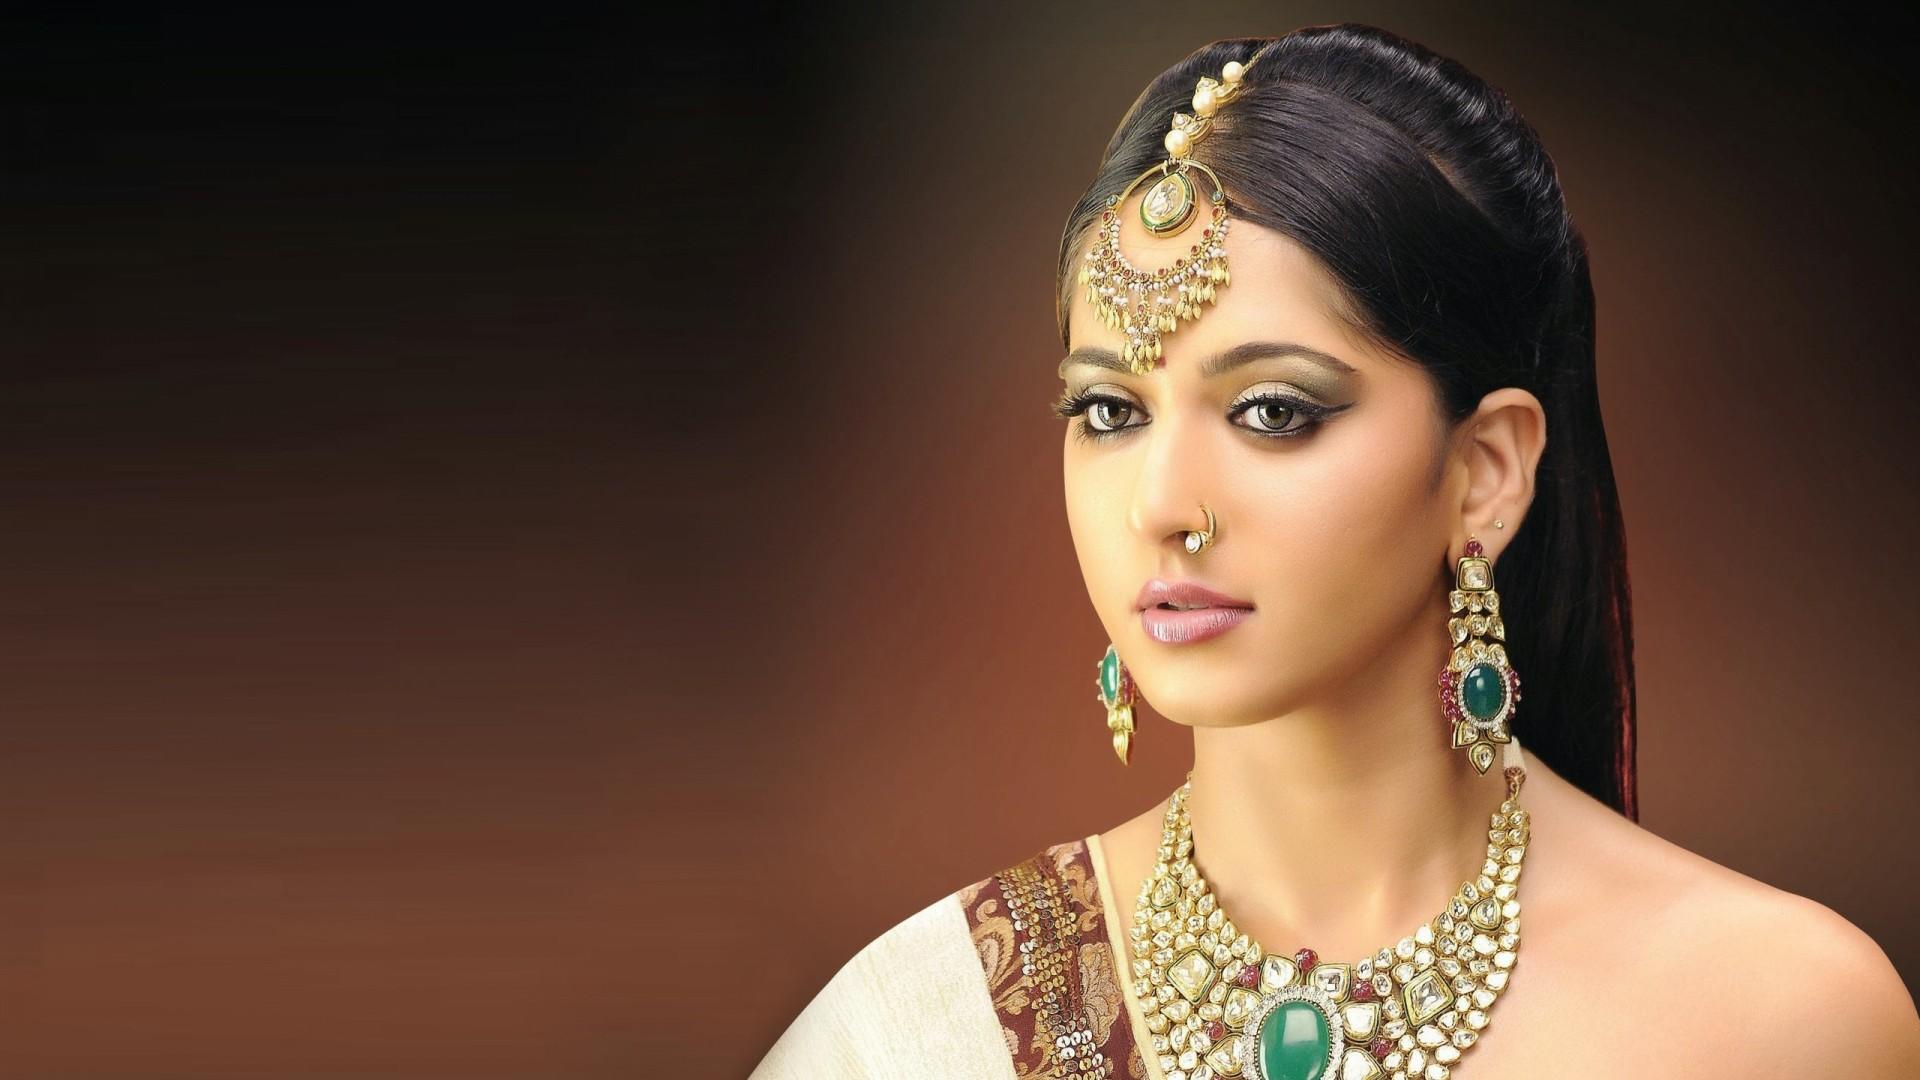 Самая красивая девушка индии фото фото русских жен